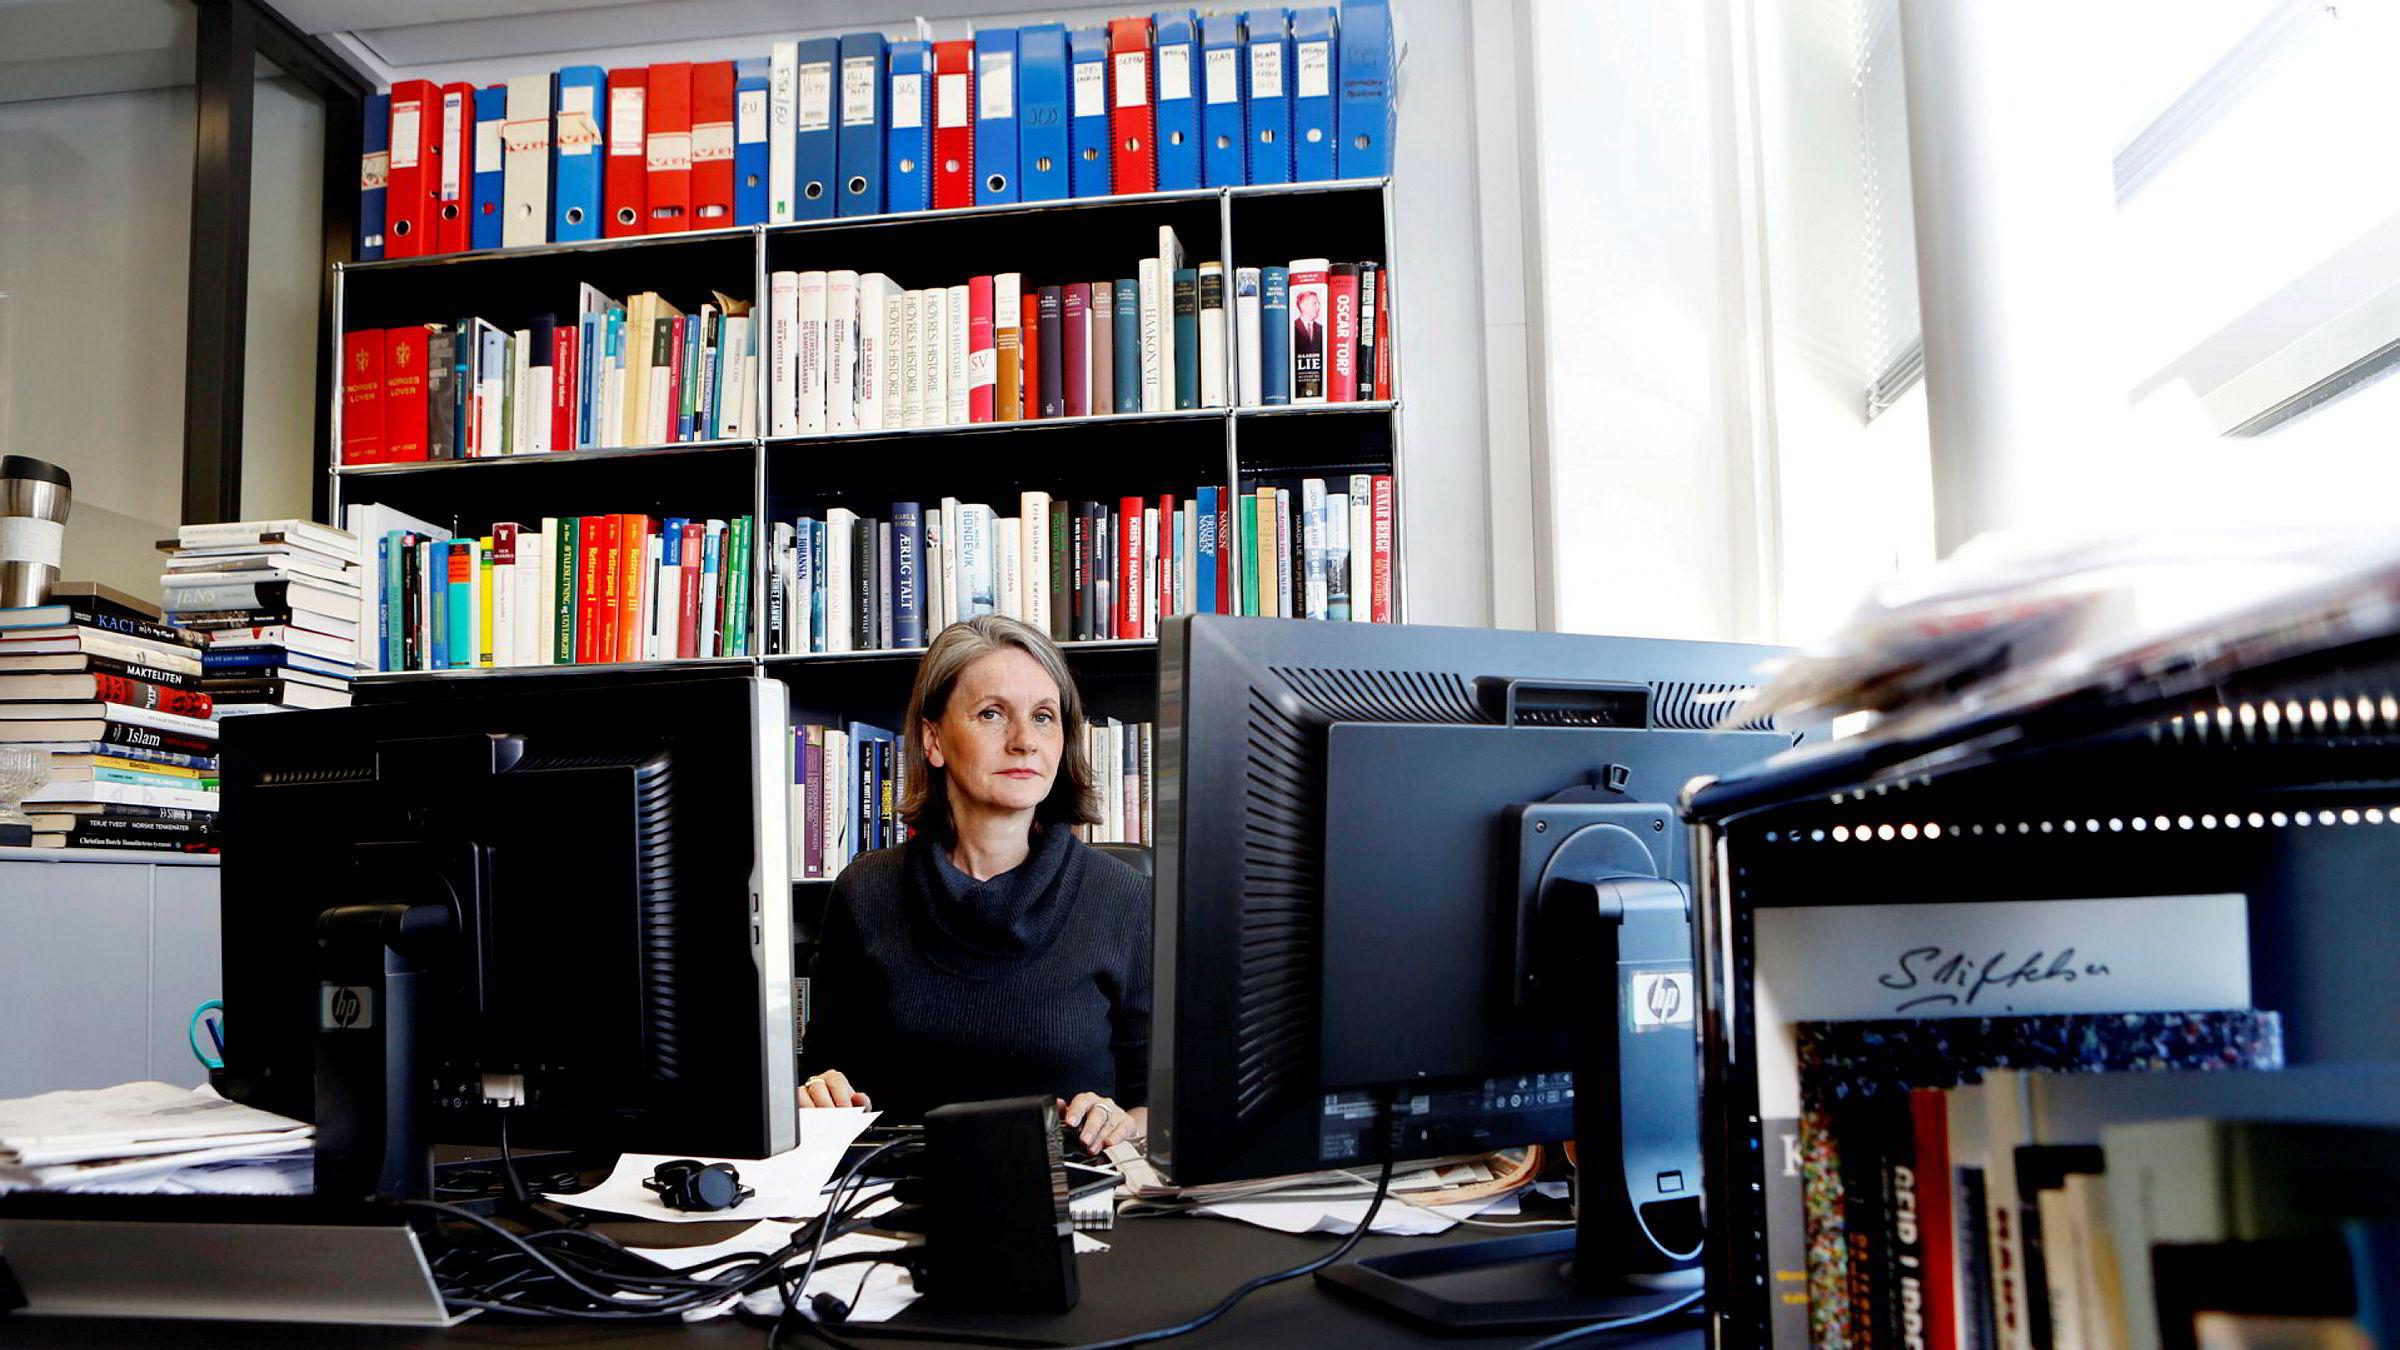 VGs politiske redaktør Hanne Skartveit sier de i fremtiden vil vurdere å opplyse om hvem deres kommentator er gift med, om han skal kommentere rusfeltet.